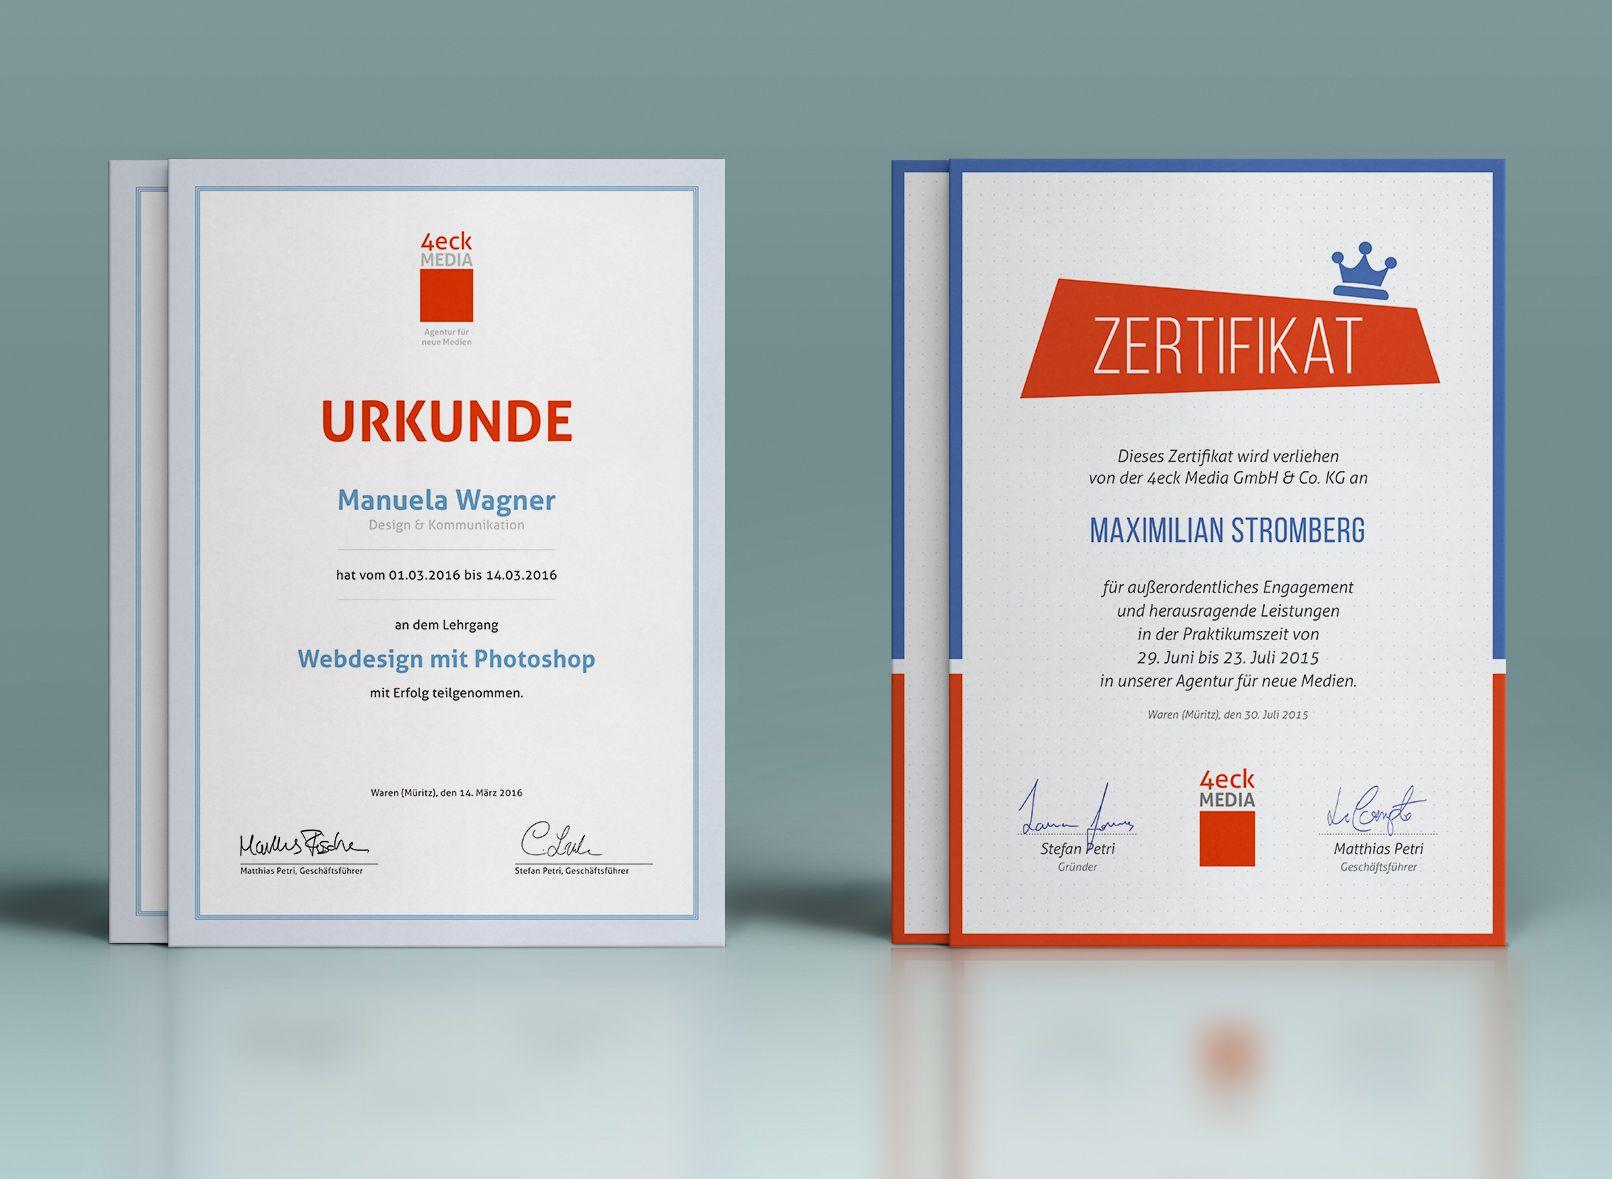 Großes Urkunden- und Zertifikatepaket | Urkunden, Zertifikat und ...